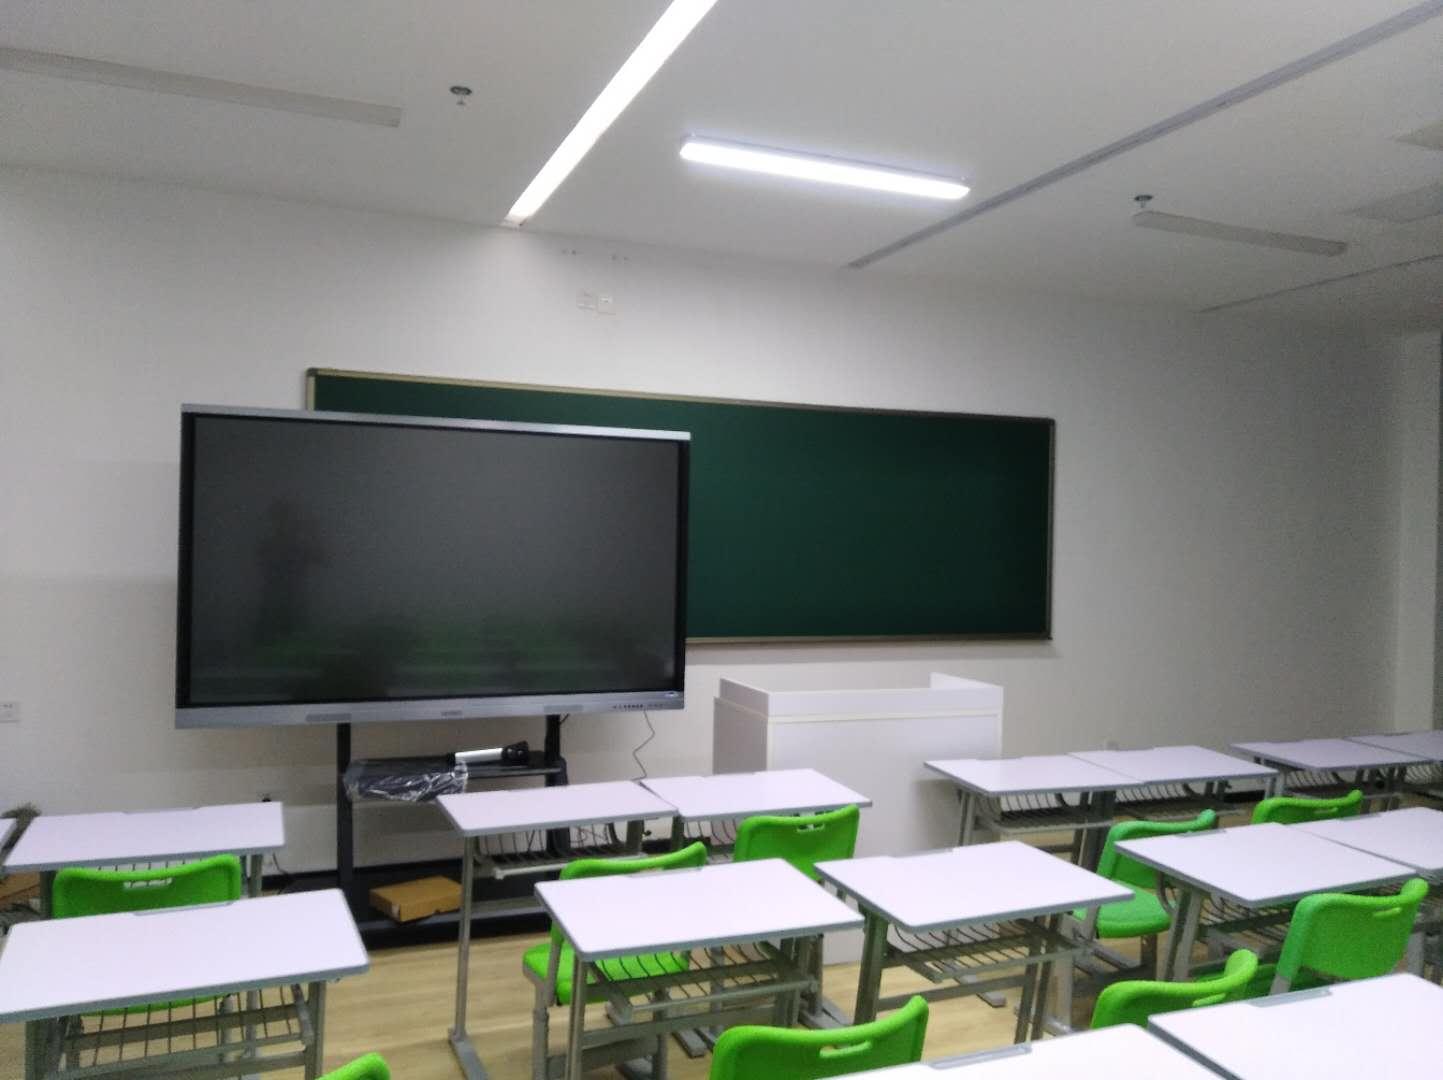 晋江教学一体机-如何选购实惠的教学一体机